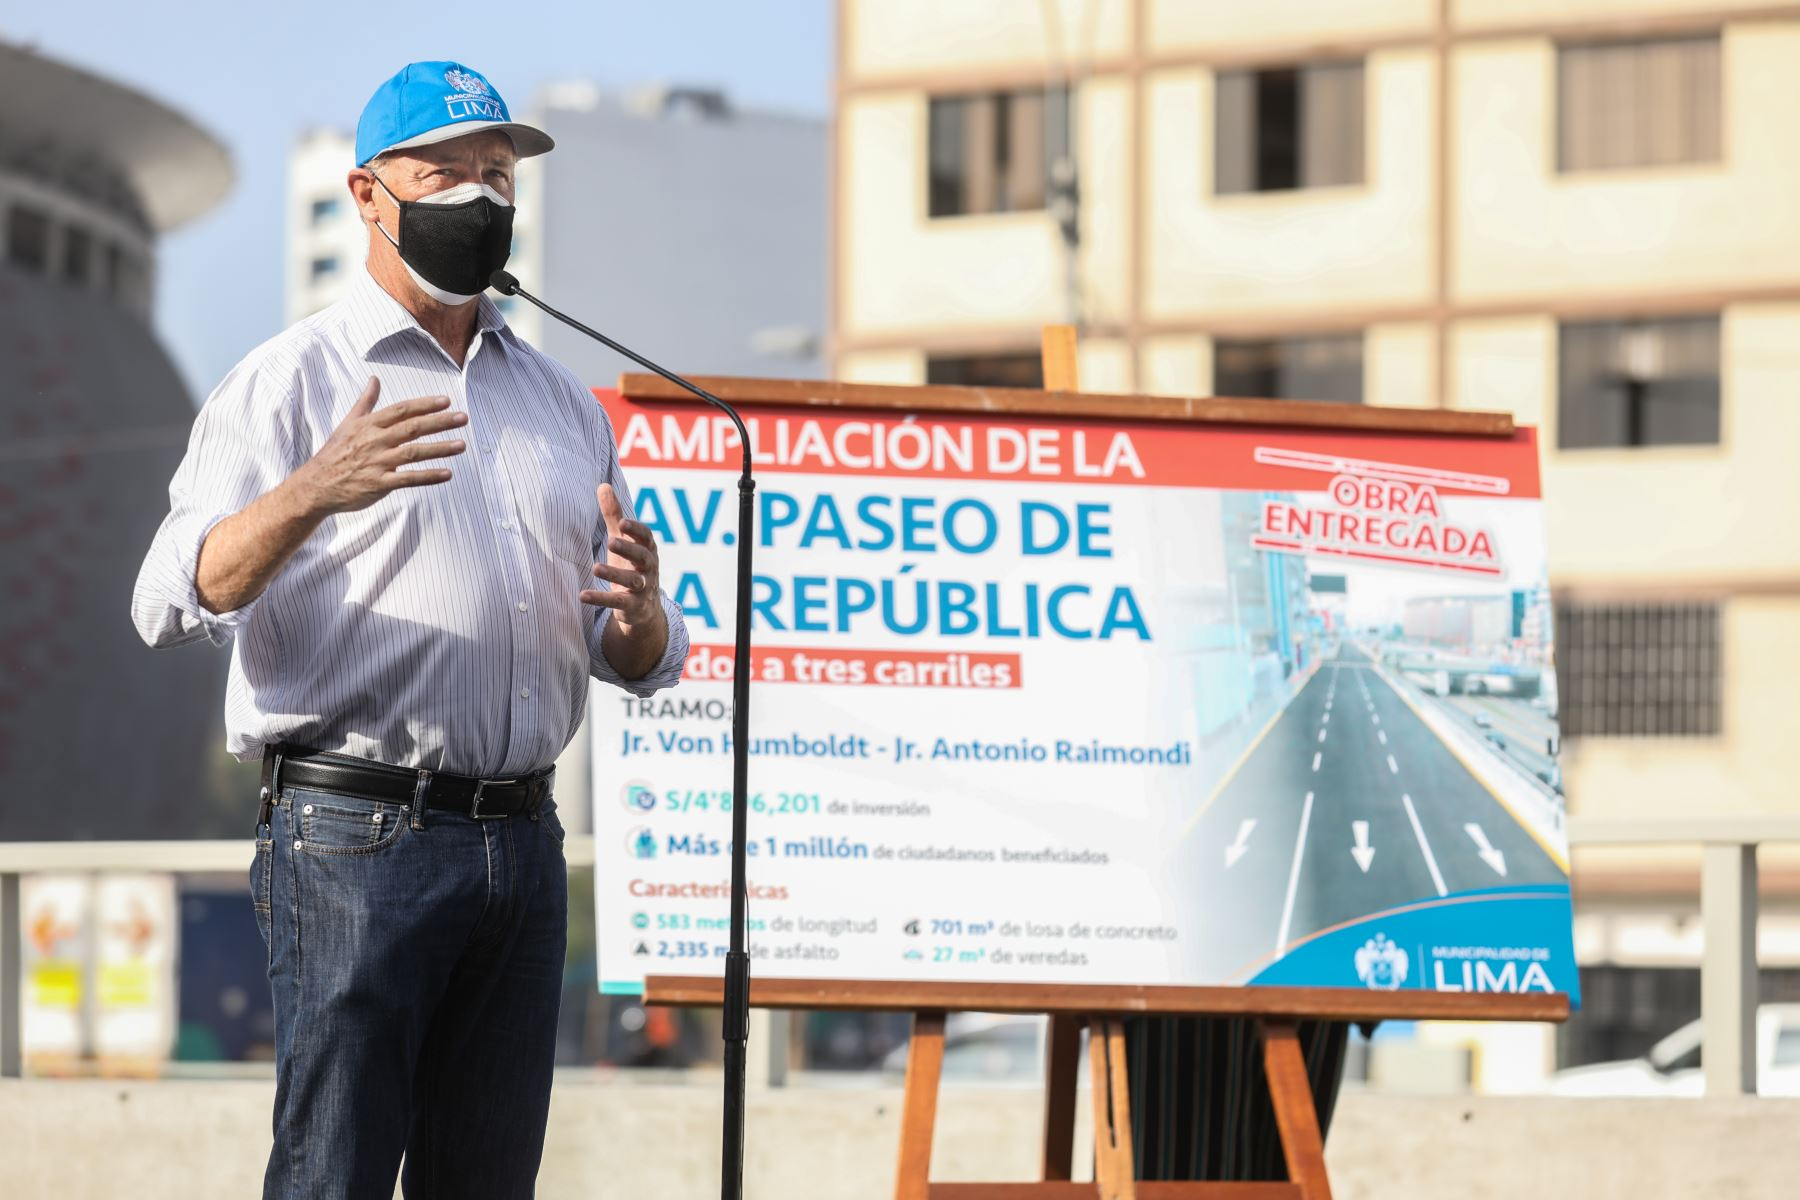 El alcalde de Lima, Jorge Muñoz, inaugurará la ampliación de un nuevo tramo de la Av. Paseo de la República, en el límite de los distritos de La Victoria y el Cercado.  Foto: ANDINA/Municipalidad de Lima